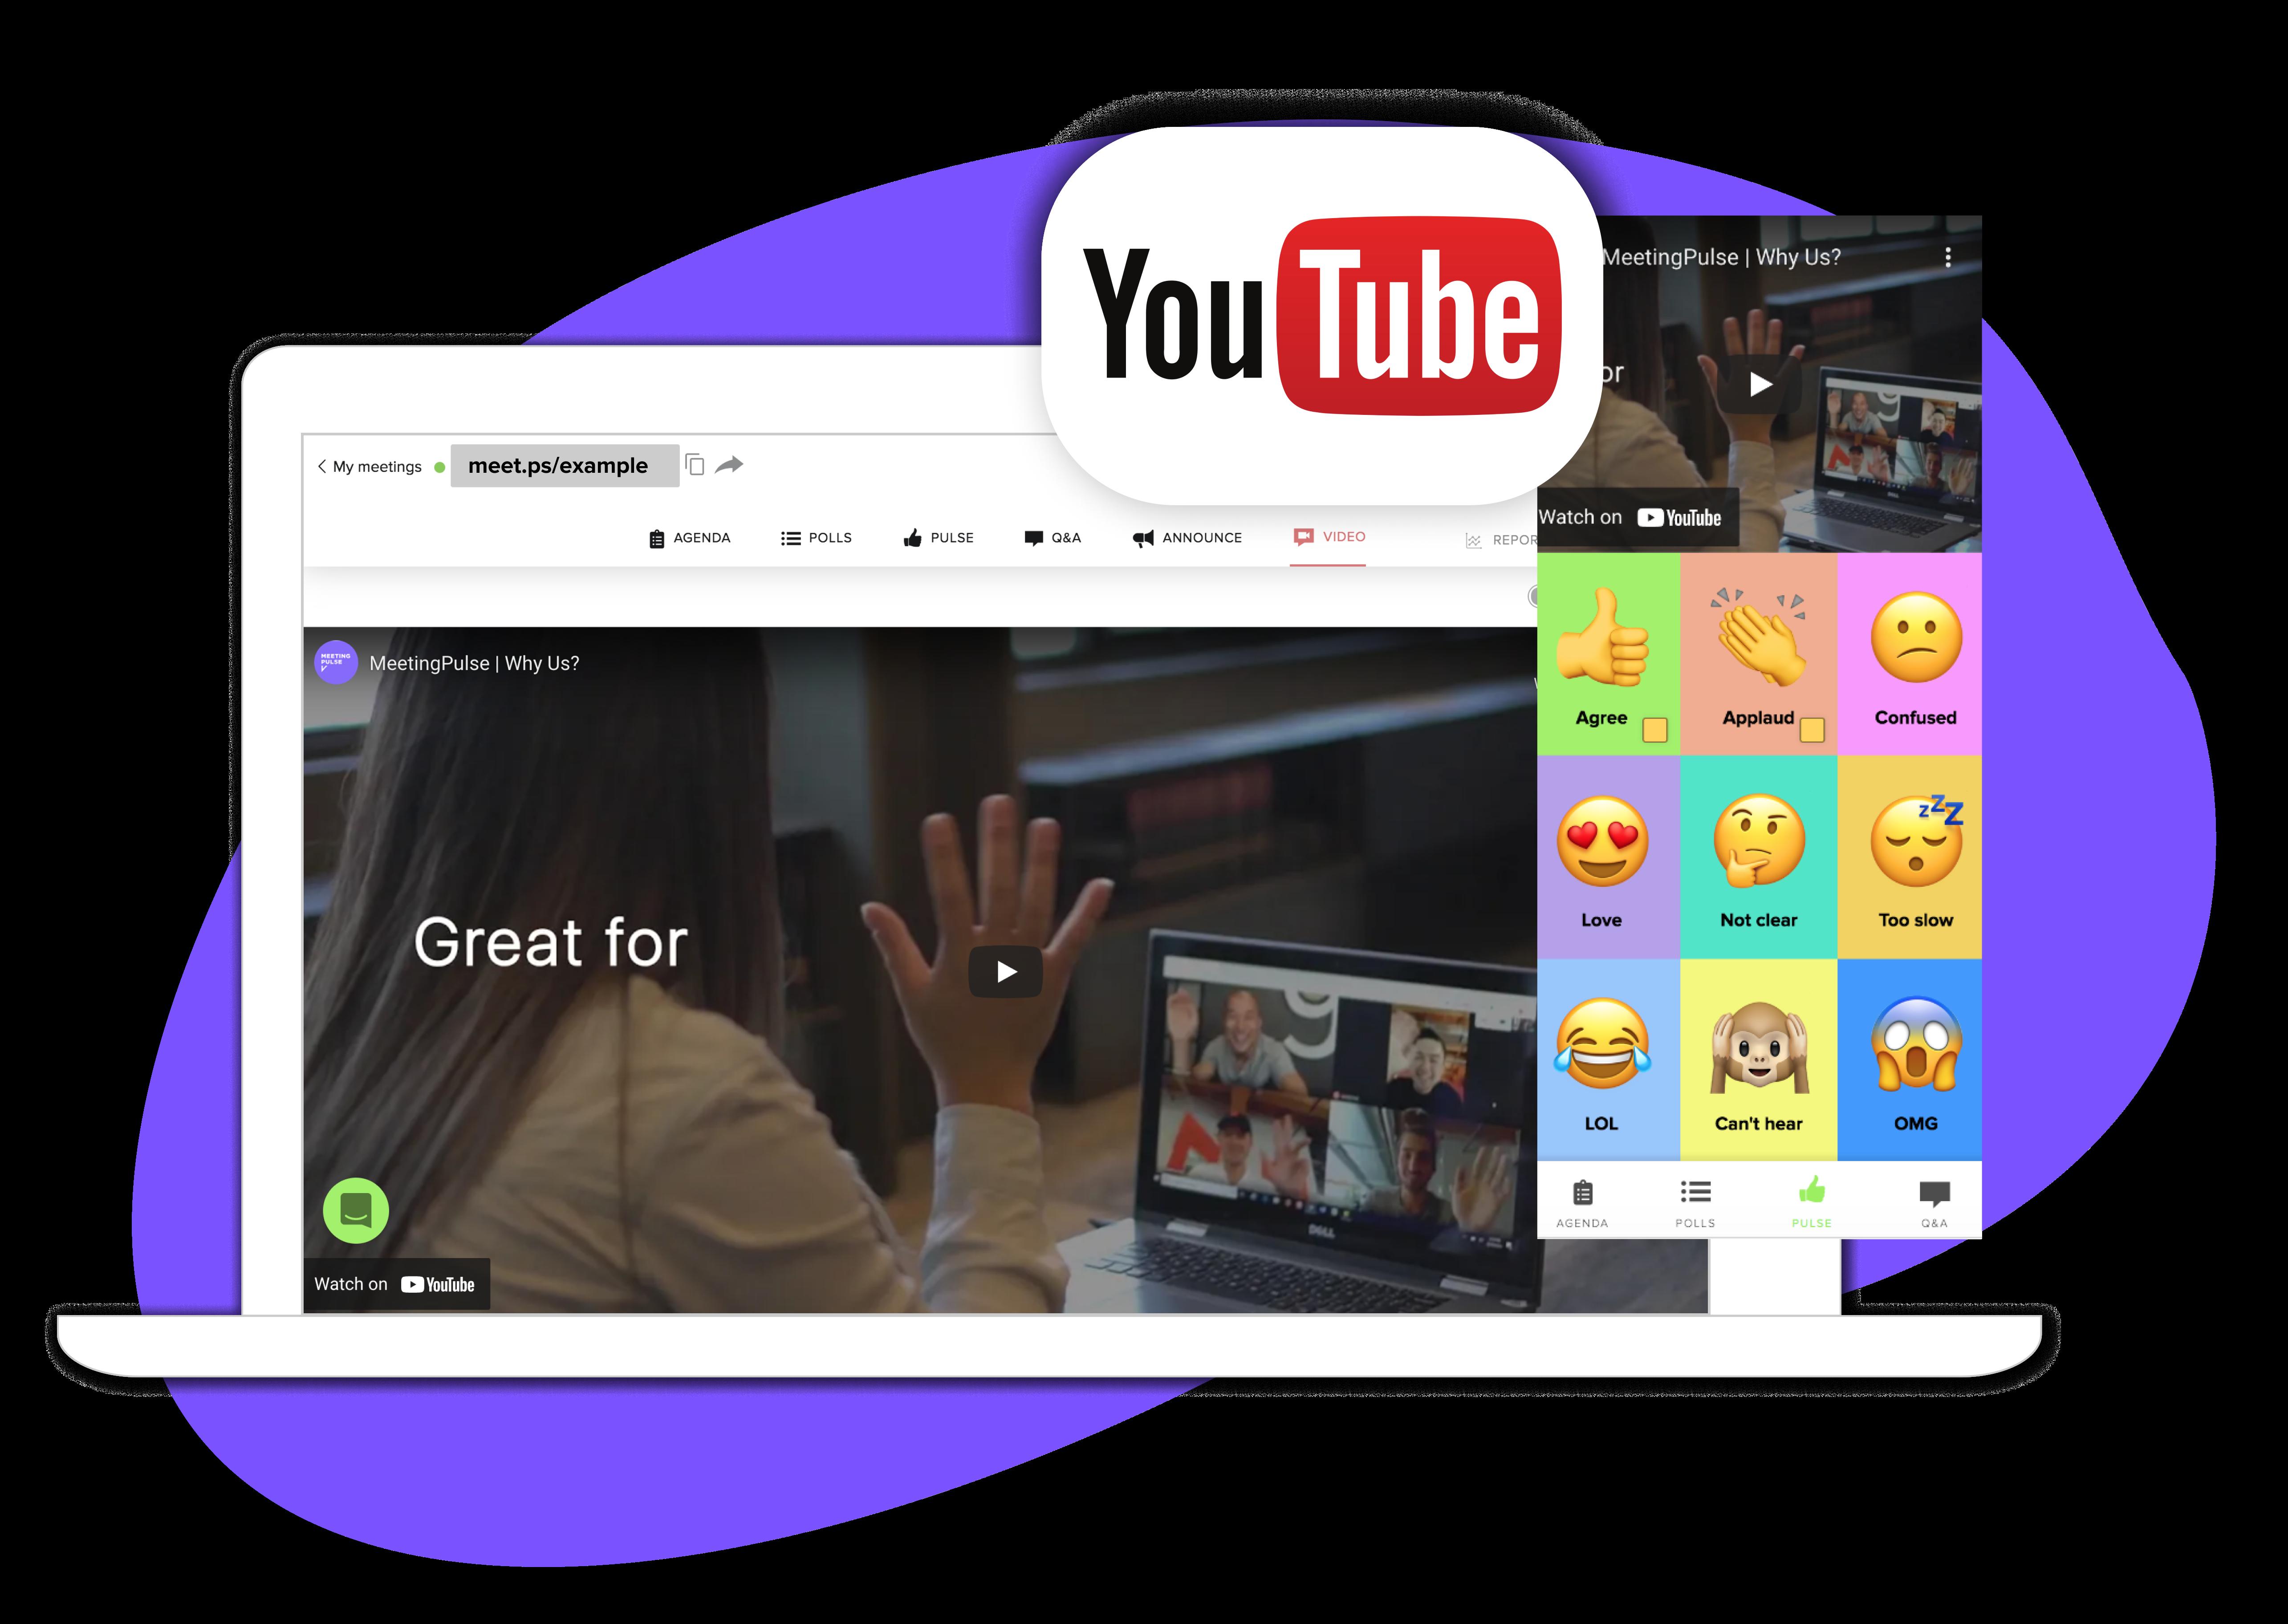 MeetingPulse + Youtube Image